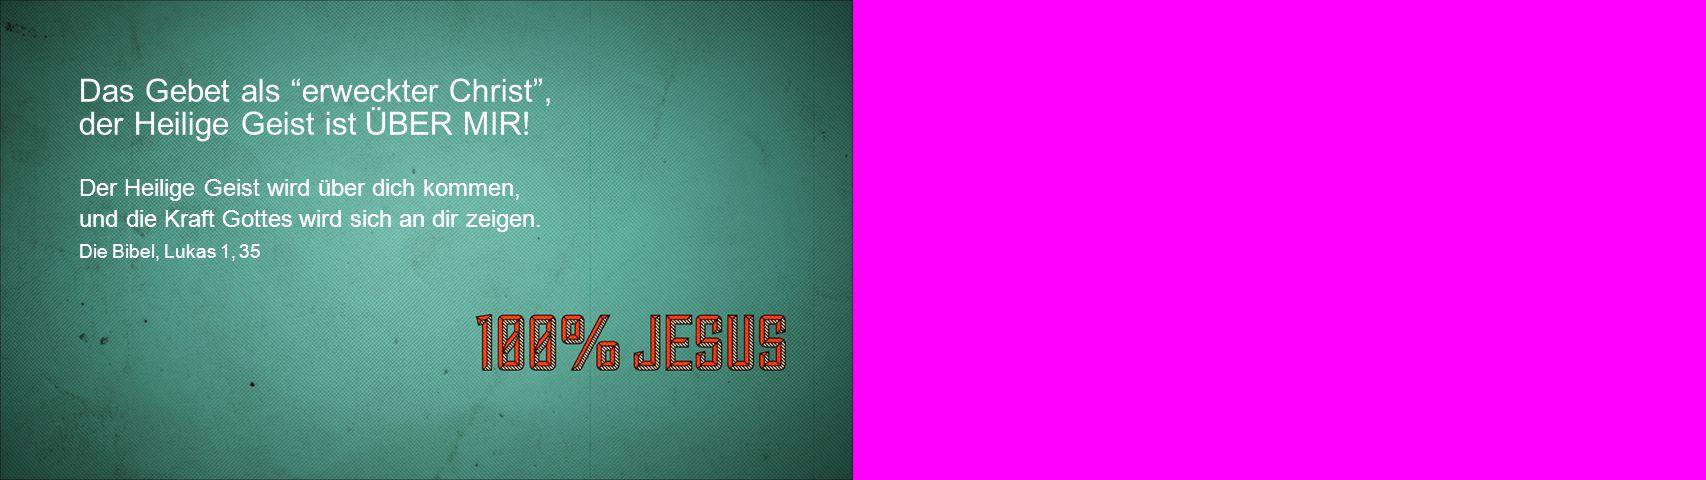 """Das Gebet als """"erweckter Christ"""", der Heilige Geist ist ÜBER MIR! Der Heilige Geist wird über dich kommen, und die Kraft Gottes wird sich an dir zeige"""